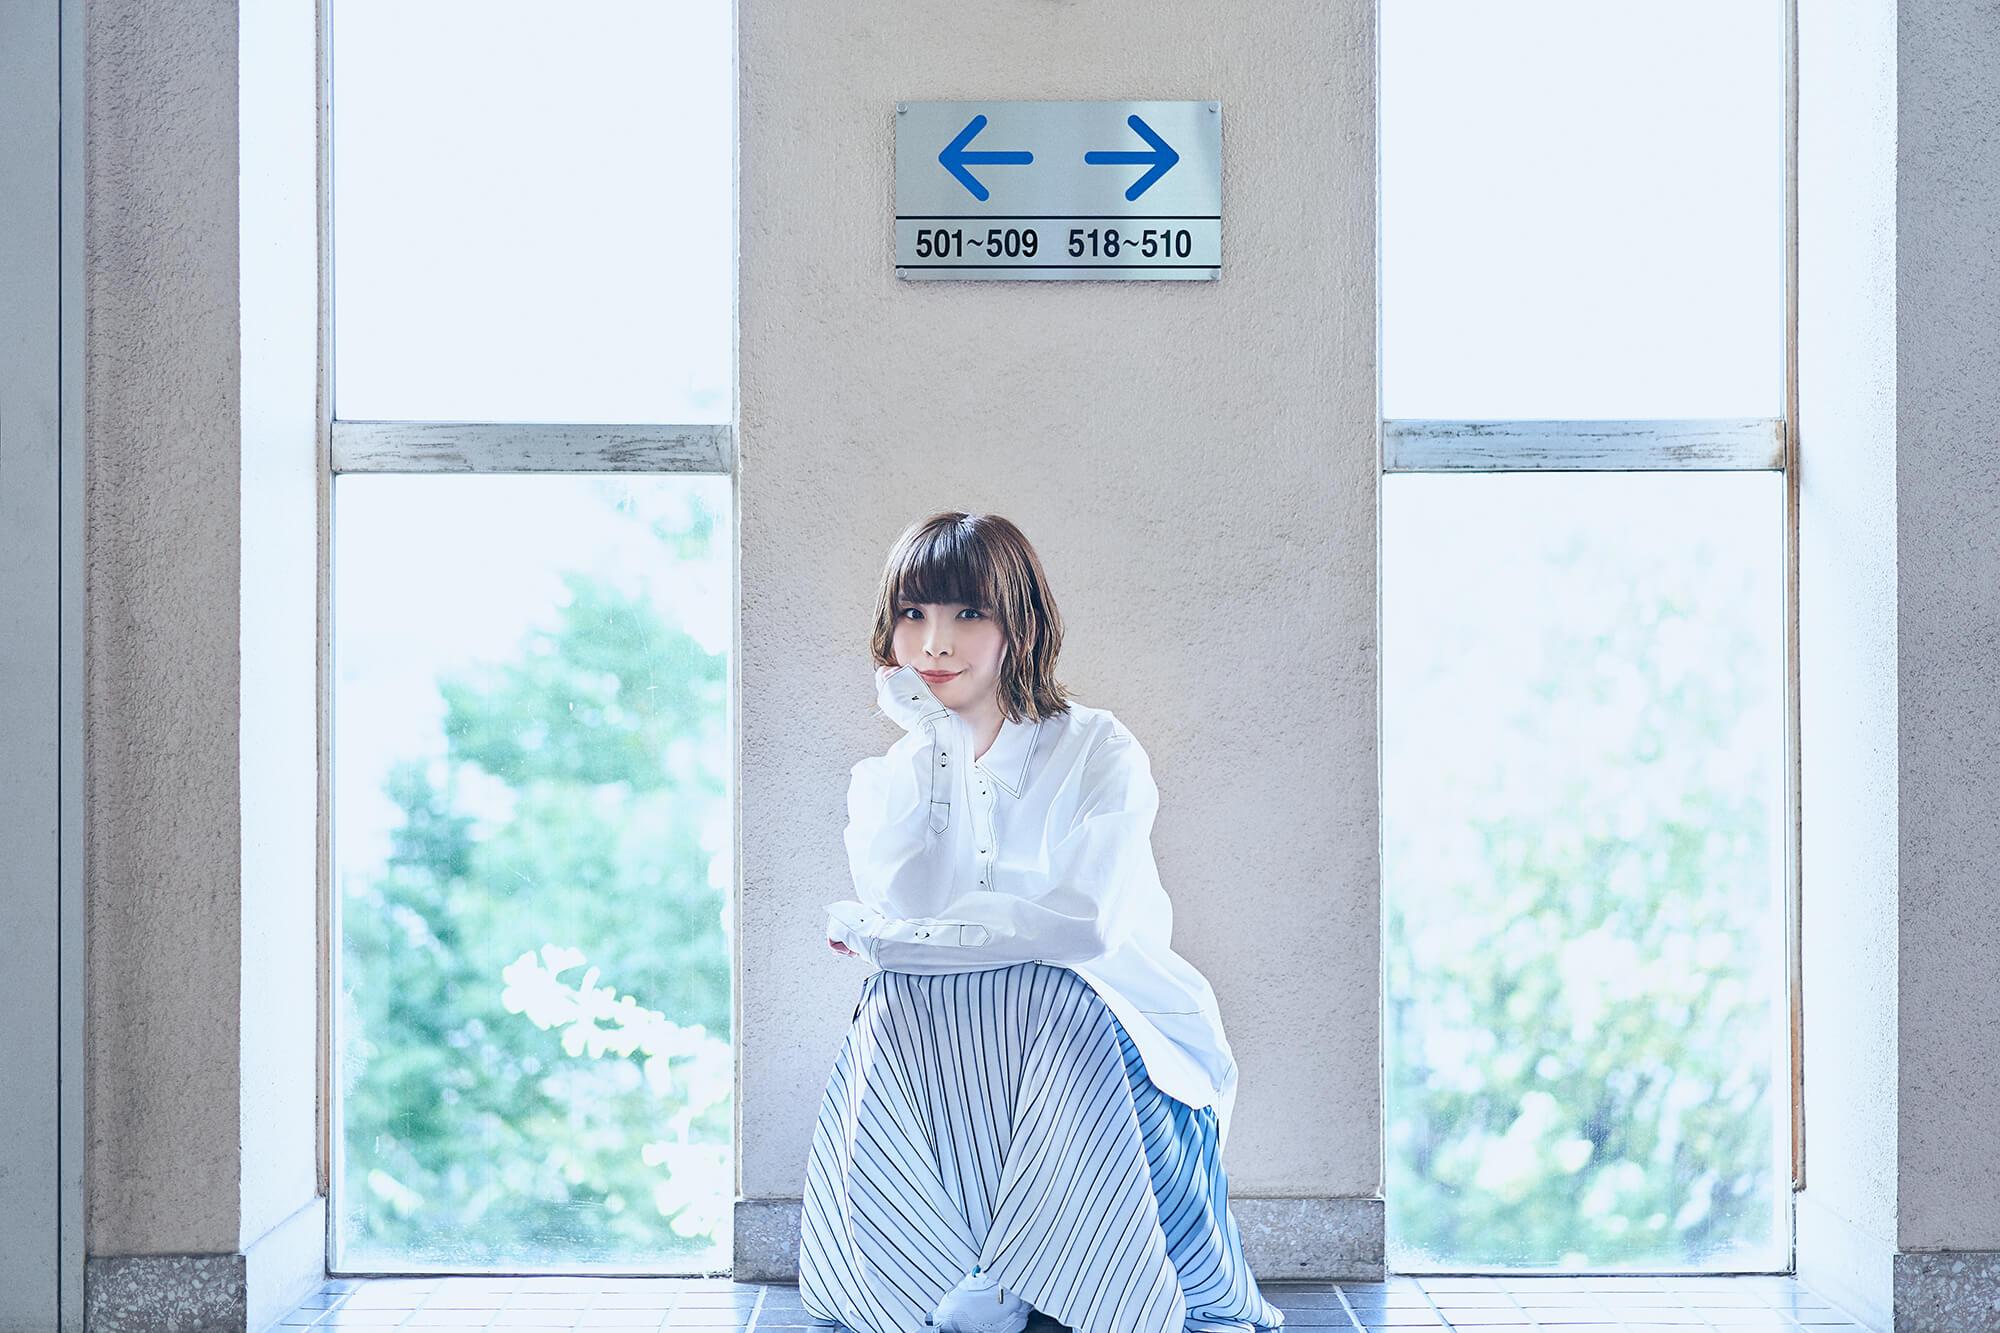 蒼山幸子(ex.ねごと)ソロ活動のオフィシャルHP&アーティスト写真を公開